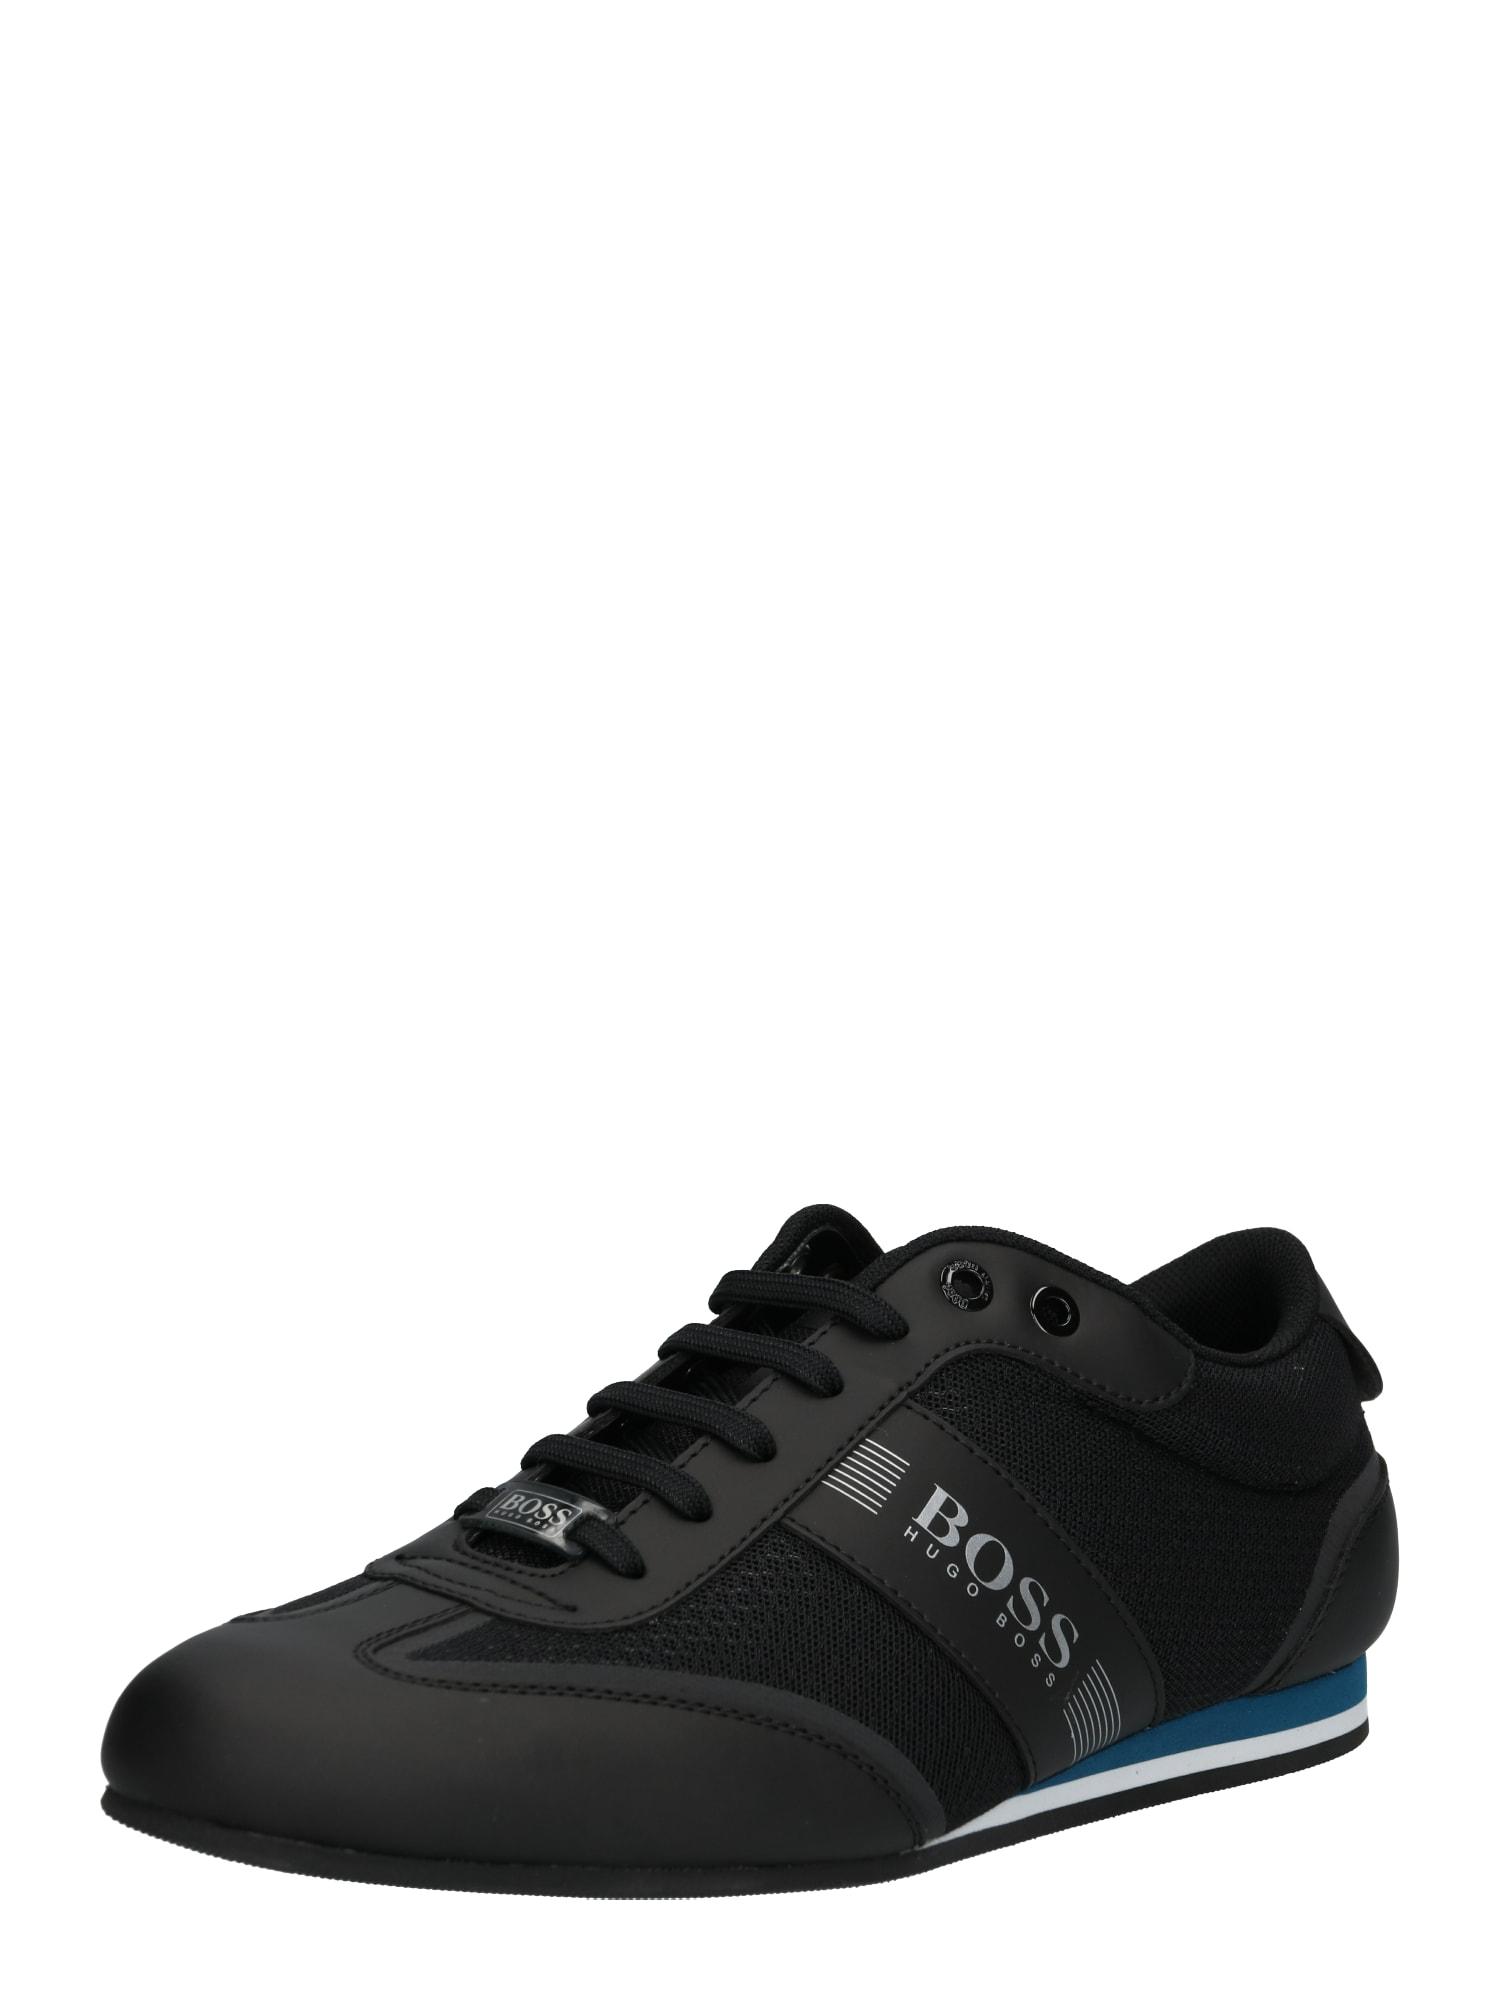 Sportovní šněrovací boty Ligter modrá černá BOSS